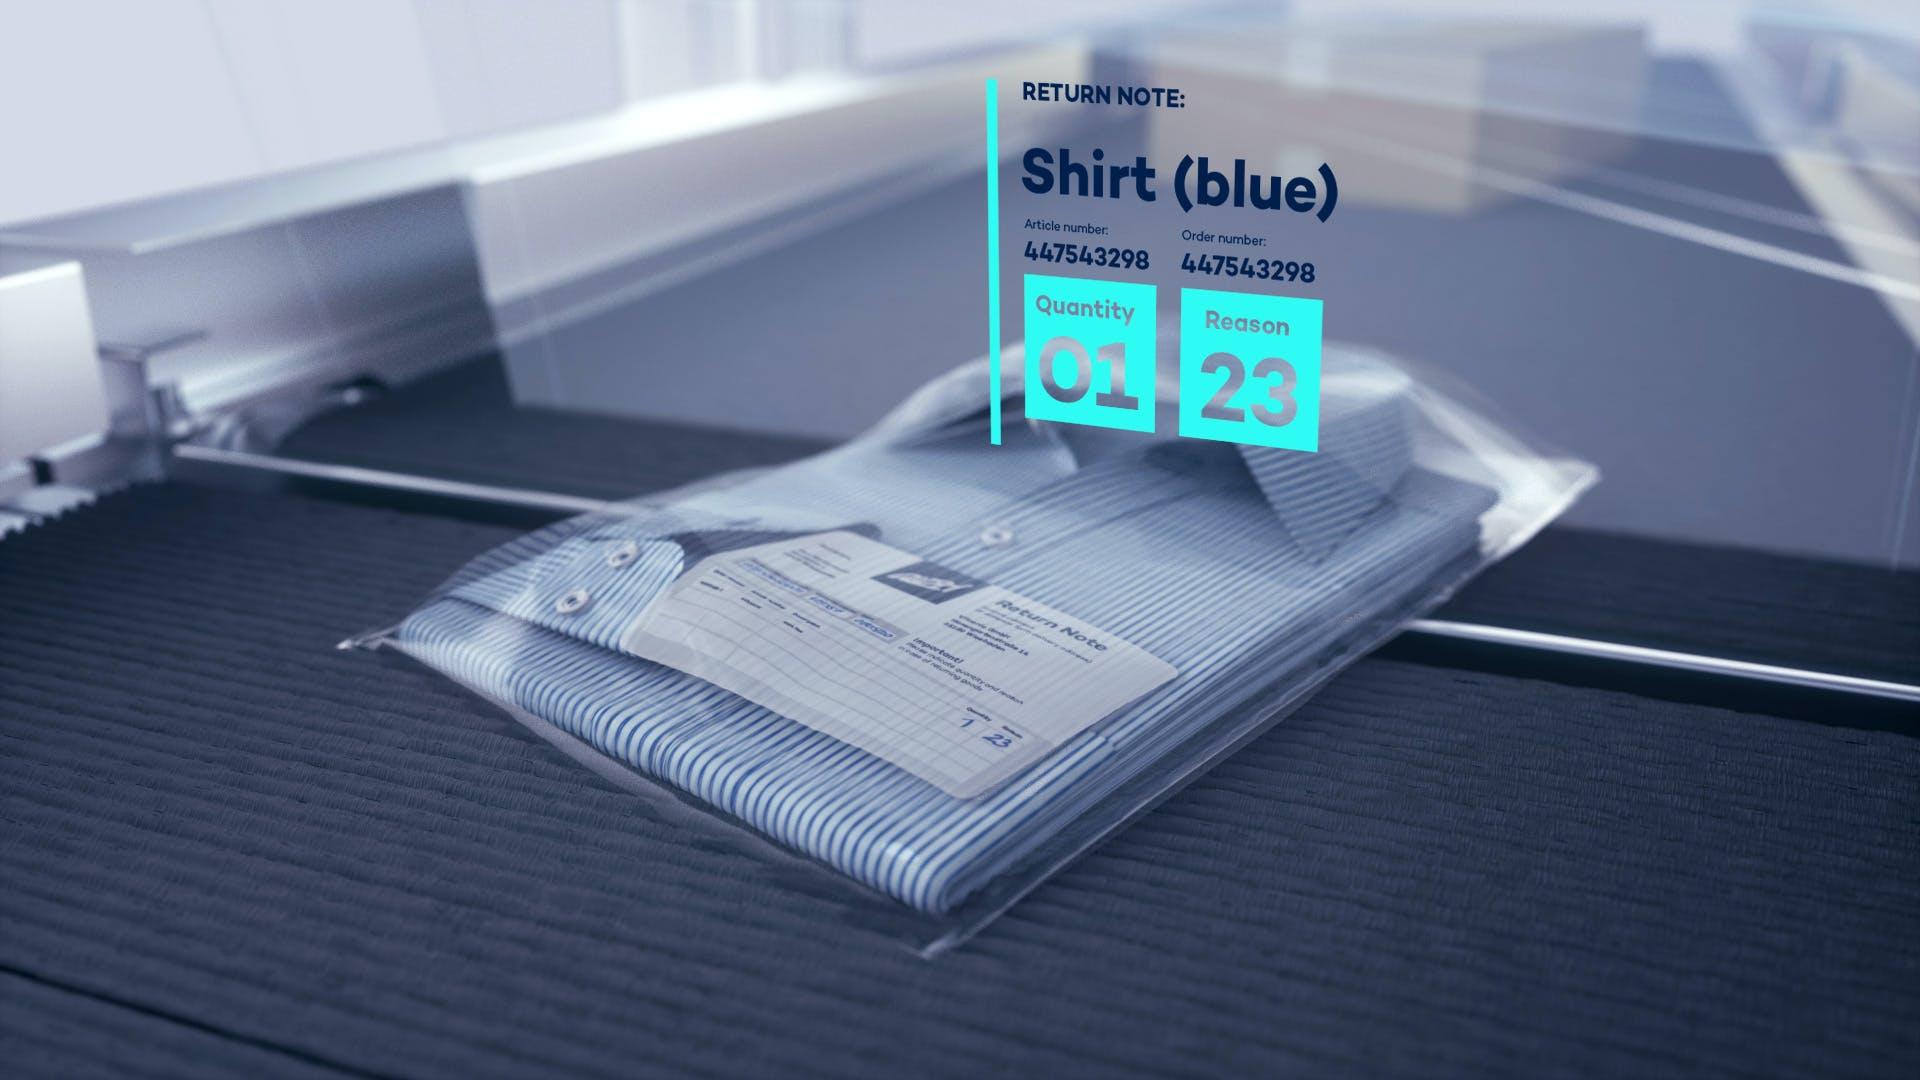 Ein Hemd auf dem Förderband mit dem automatisch erfassten Retourengrund